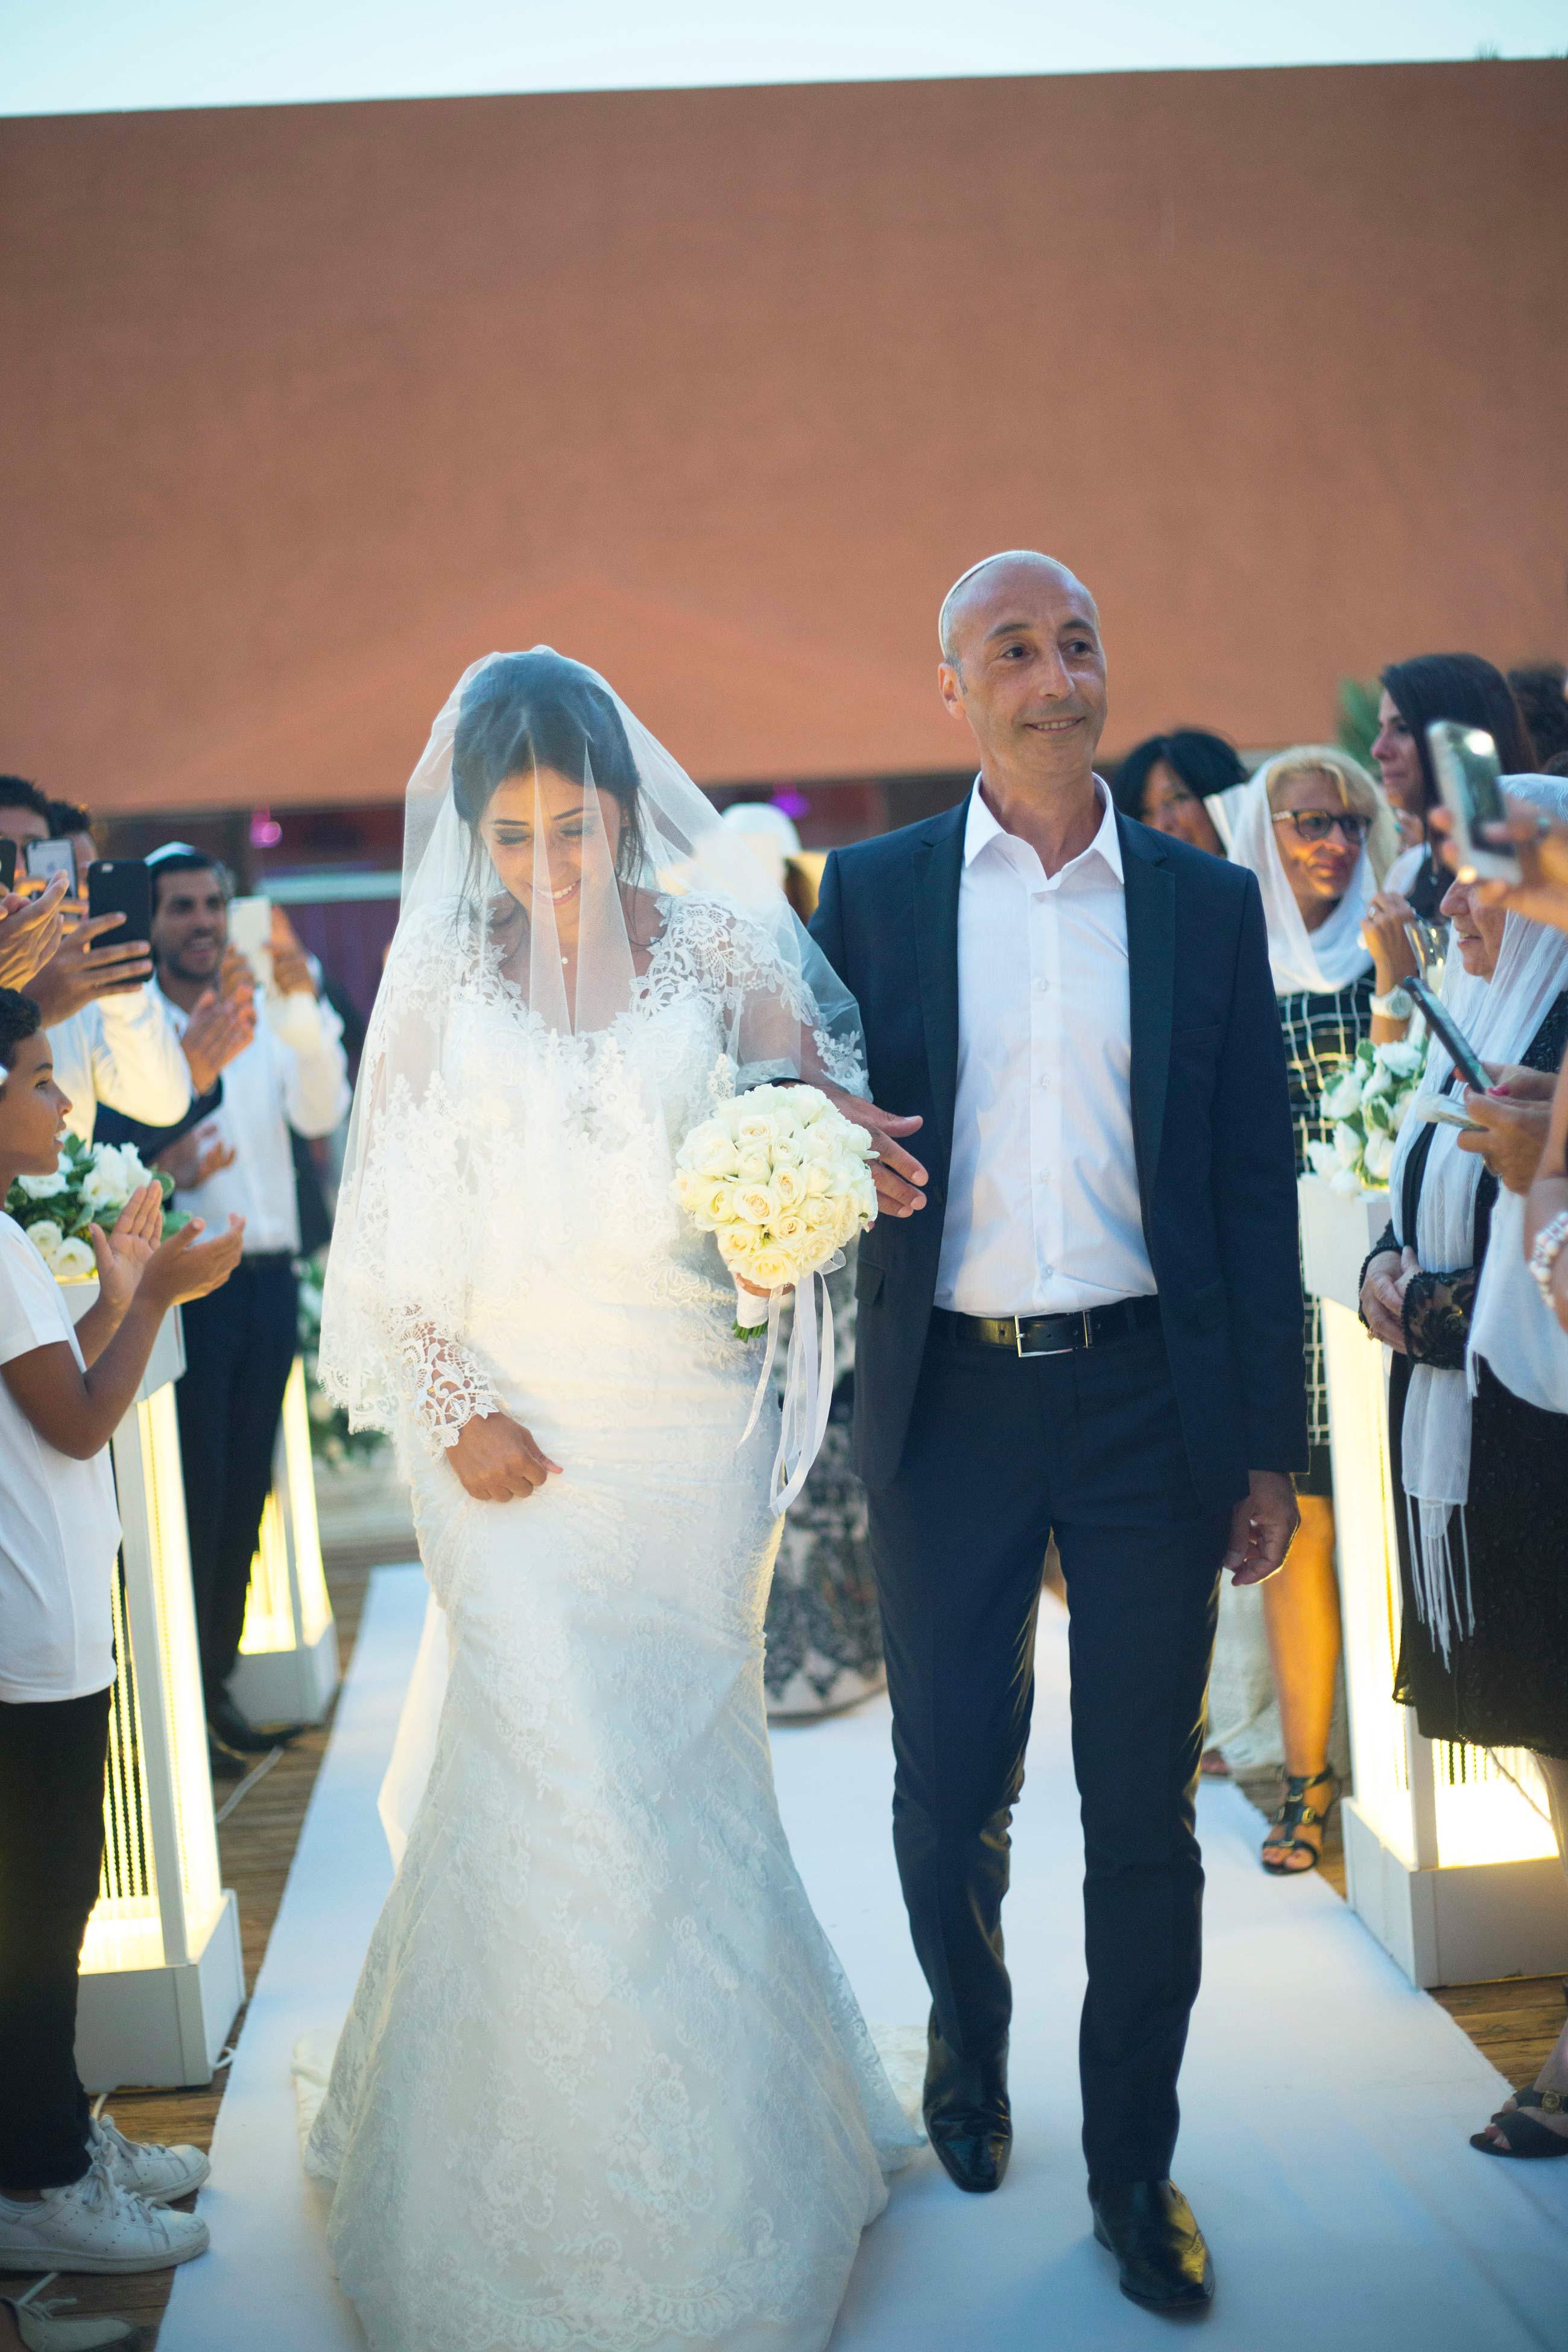 lea-jeremie-mariage-tel-aviv-israel-photographe-paris-video44